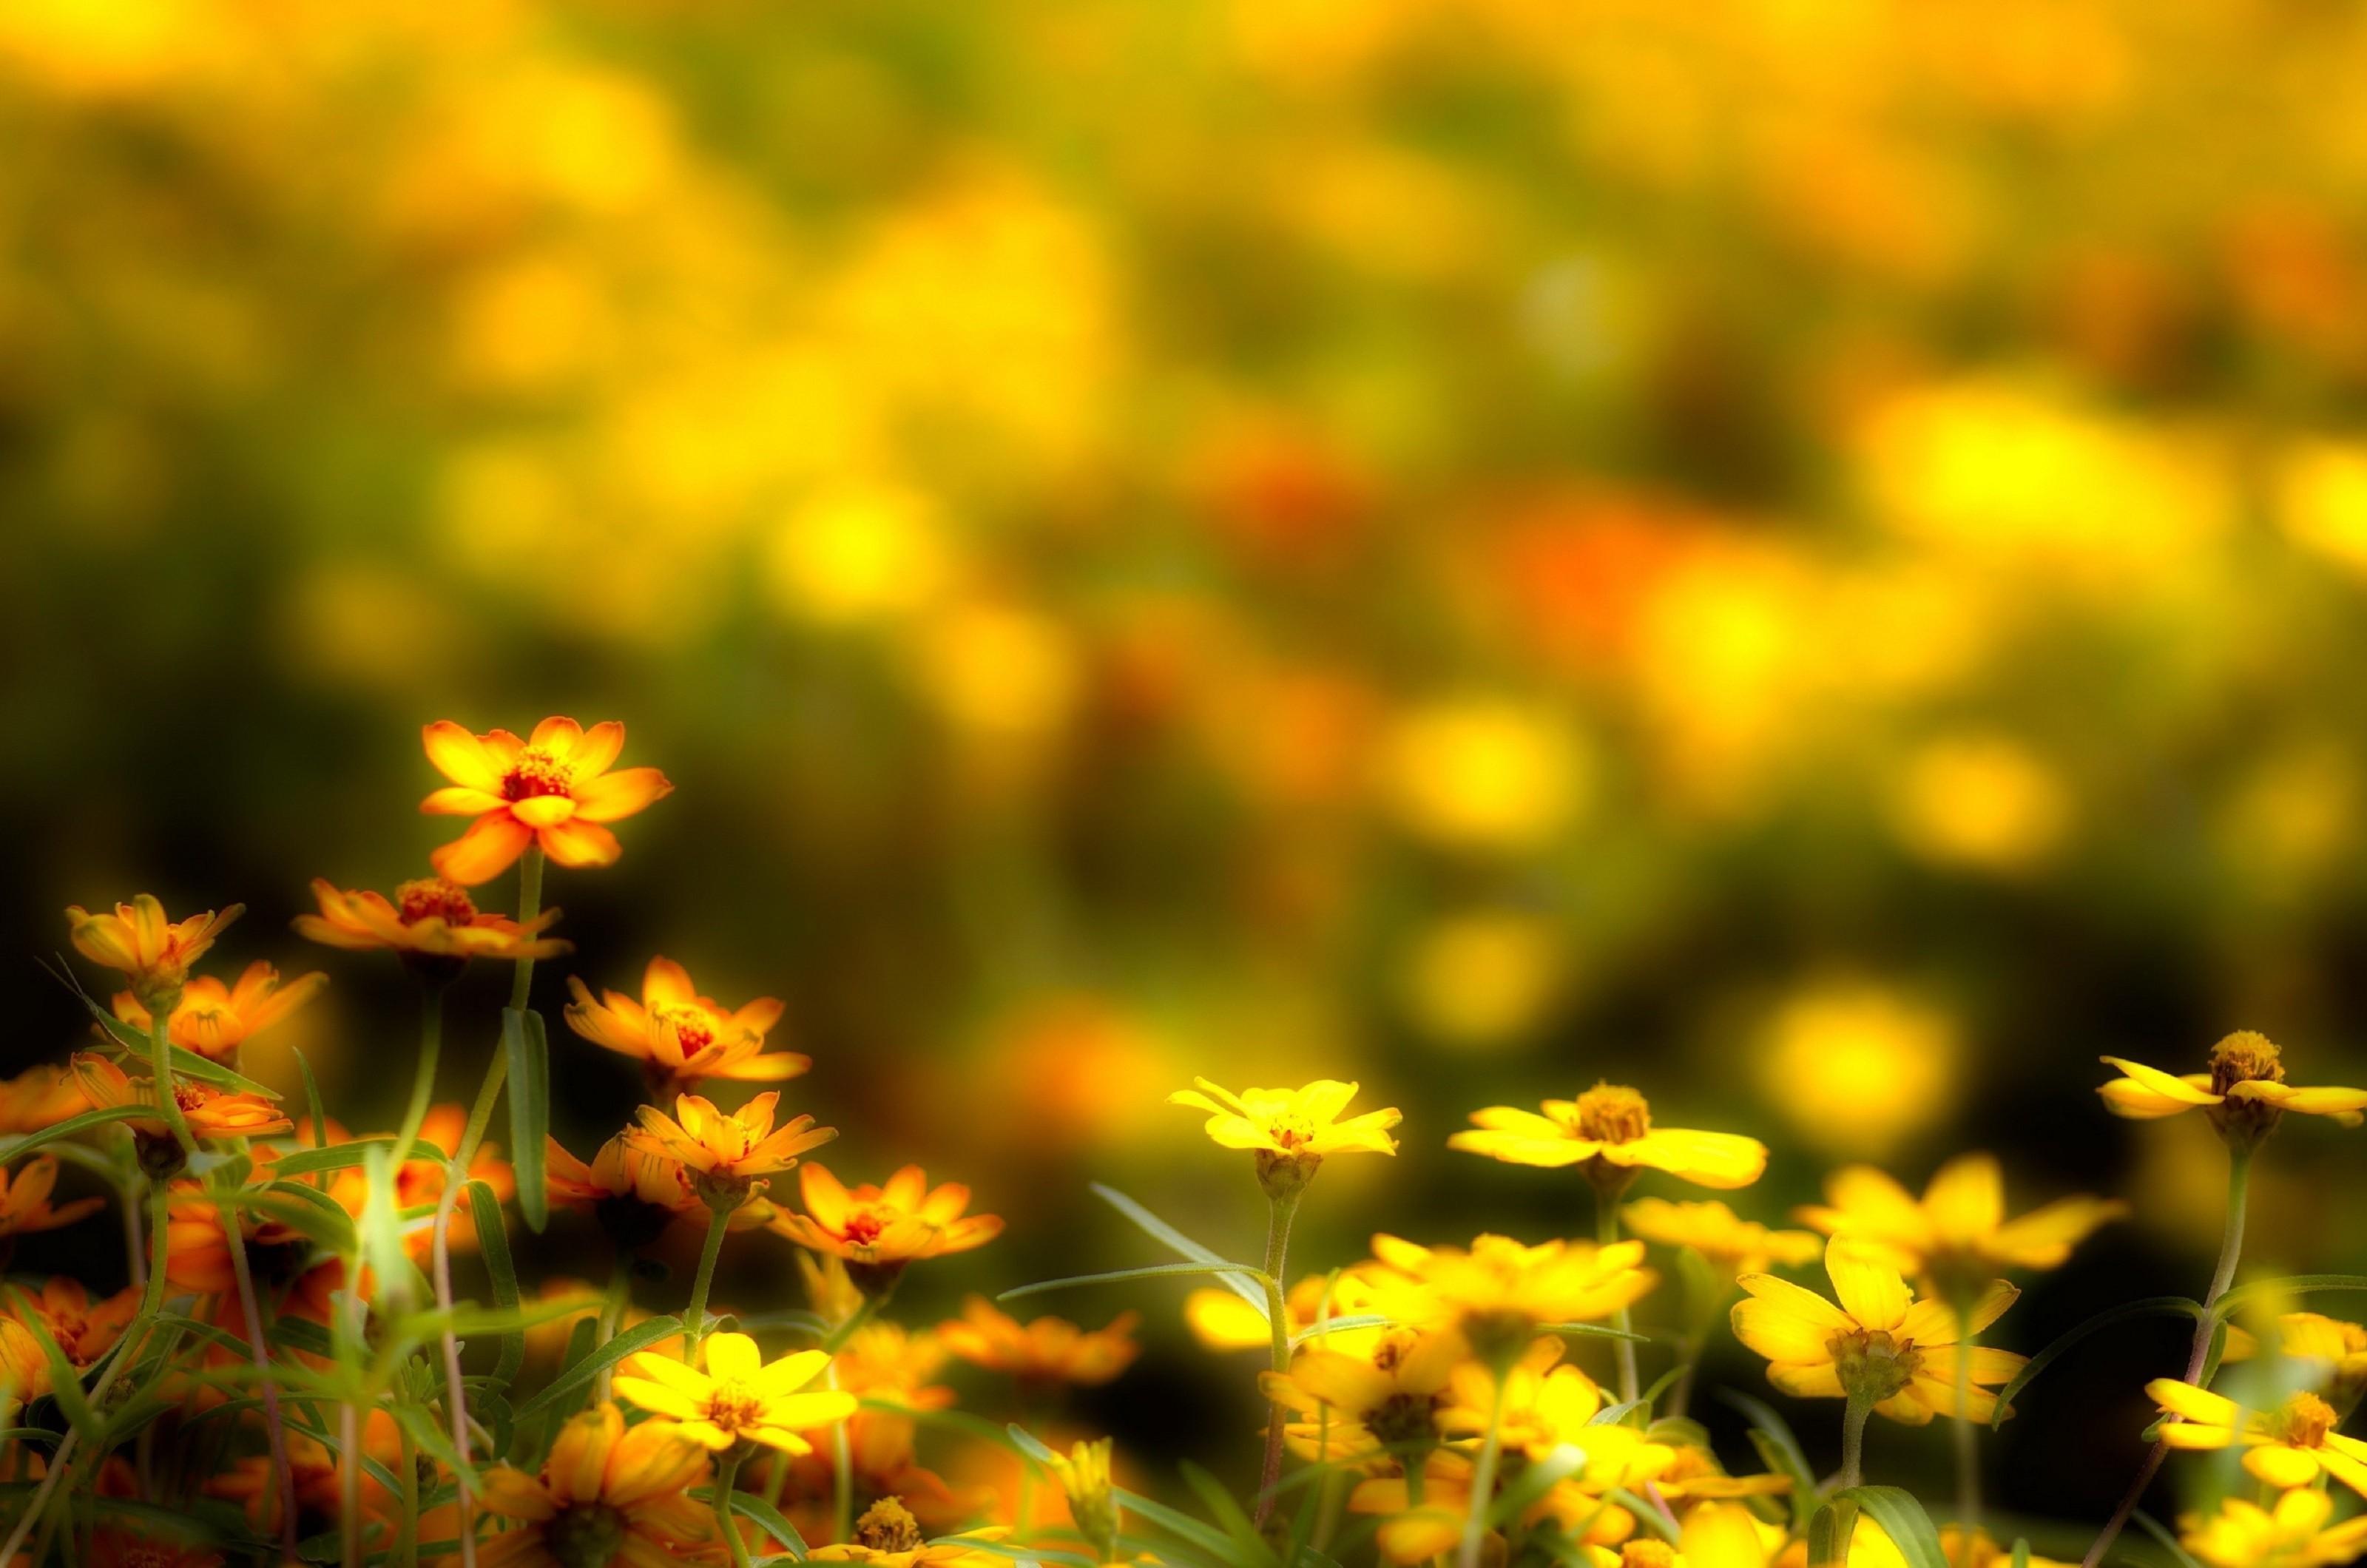 Желтые ромашки цветы желтые цветы размытость  № 3830981 бесплатно